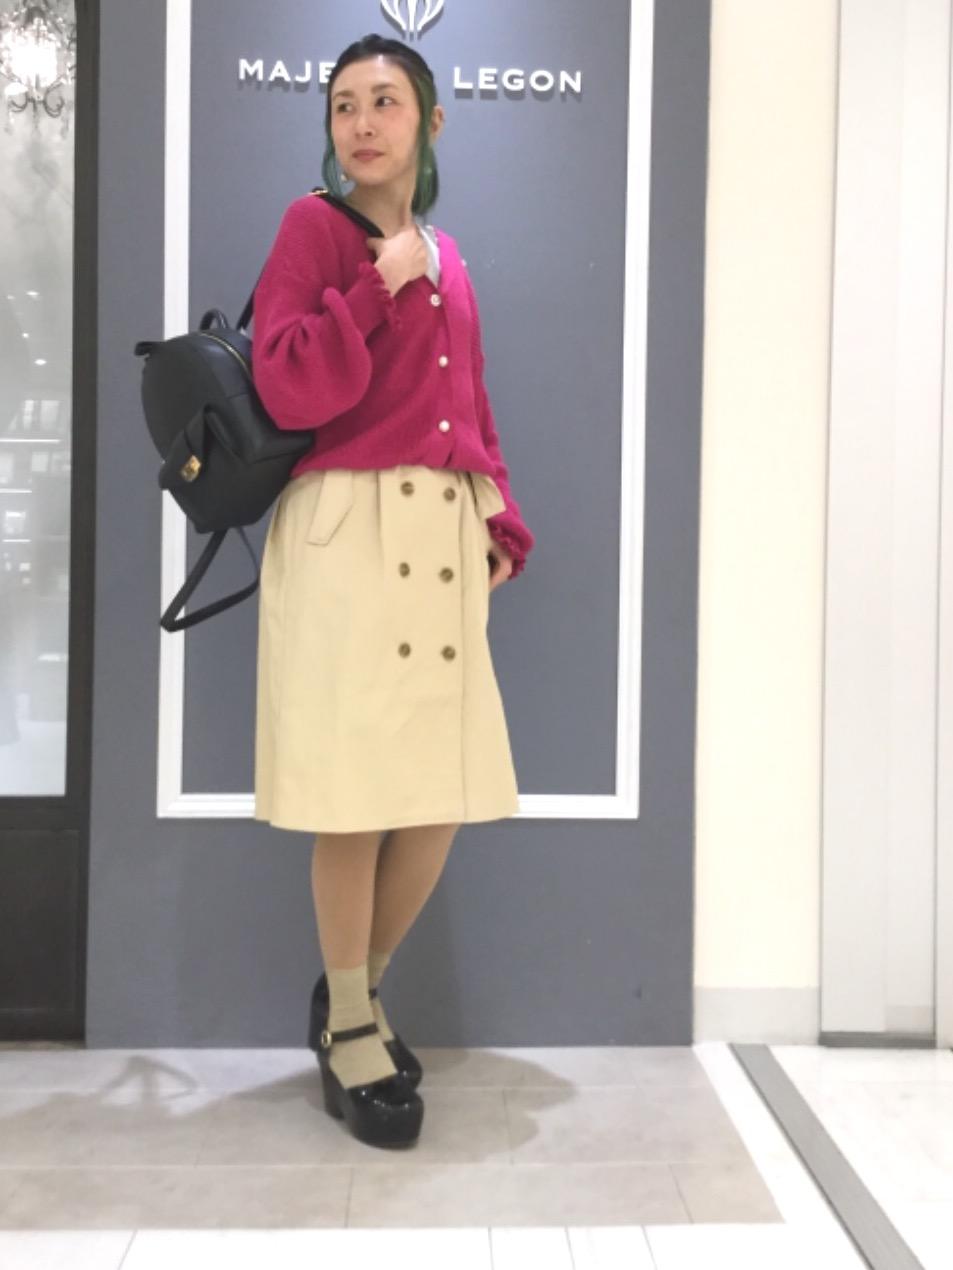 MAJESTIC LEGONアミュプラザ大分店